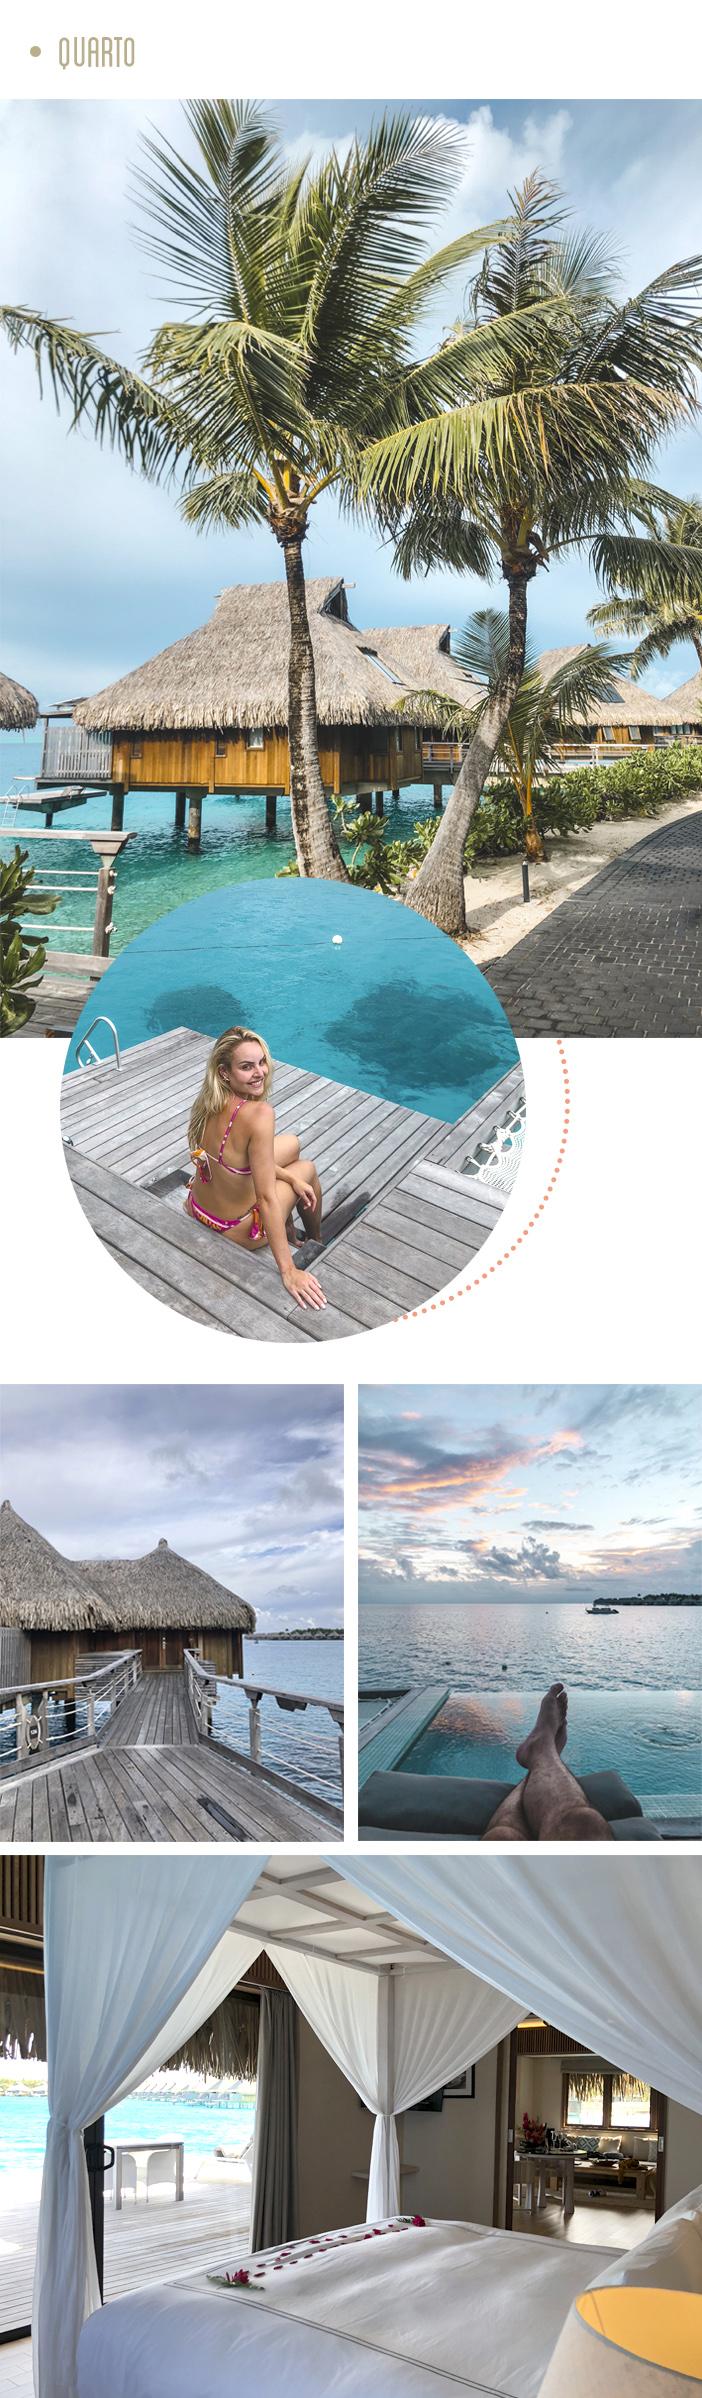 Diário de Bordo - Lua de Mel em Bora Bora - Quarto